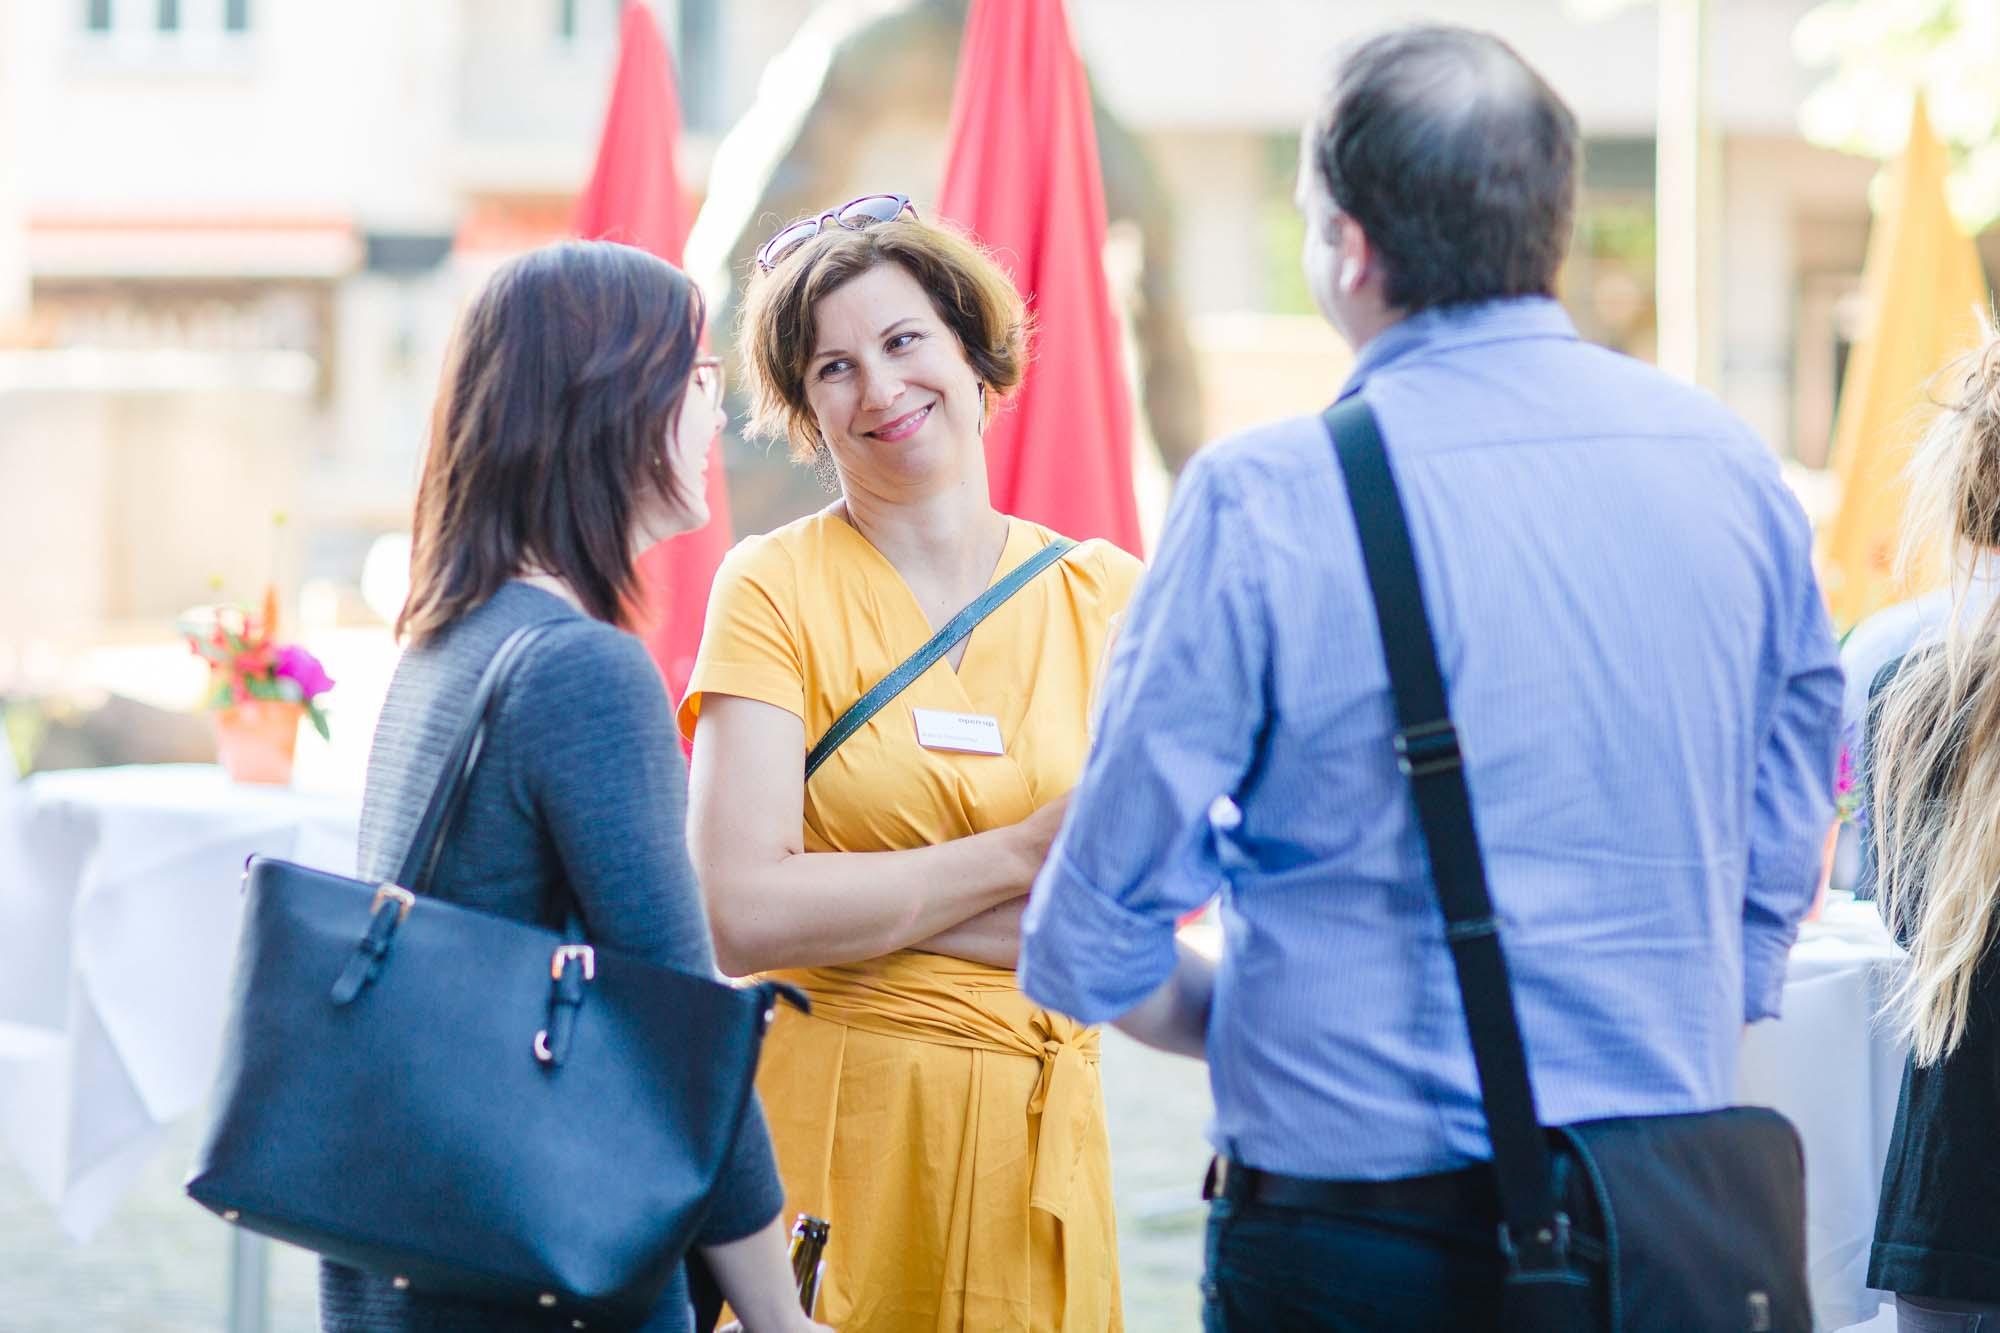 Sandra Roth, Katrin Schmitter and Stefan Hiller